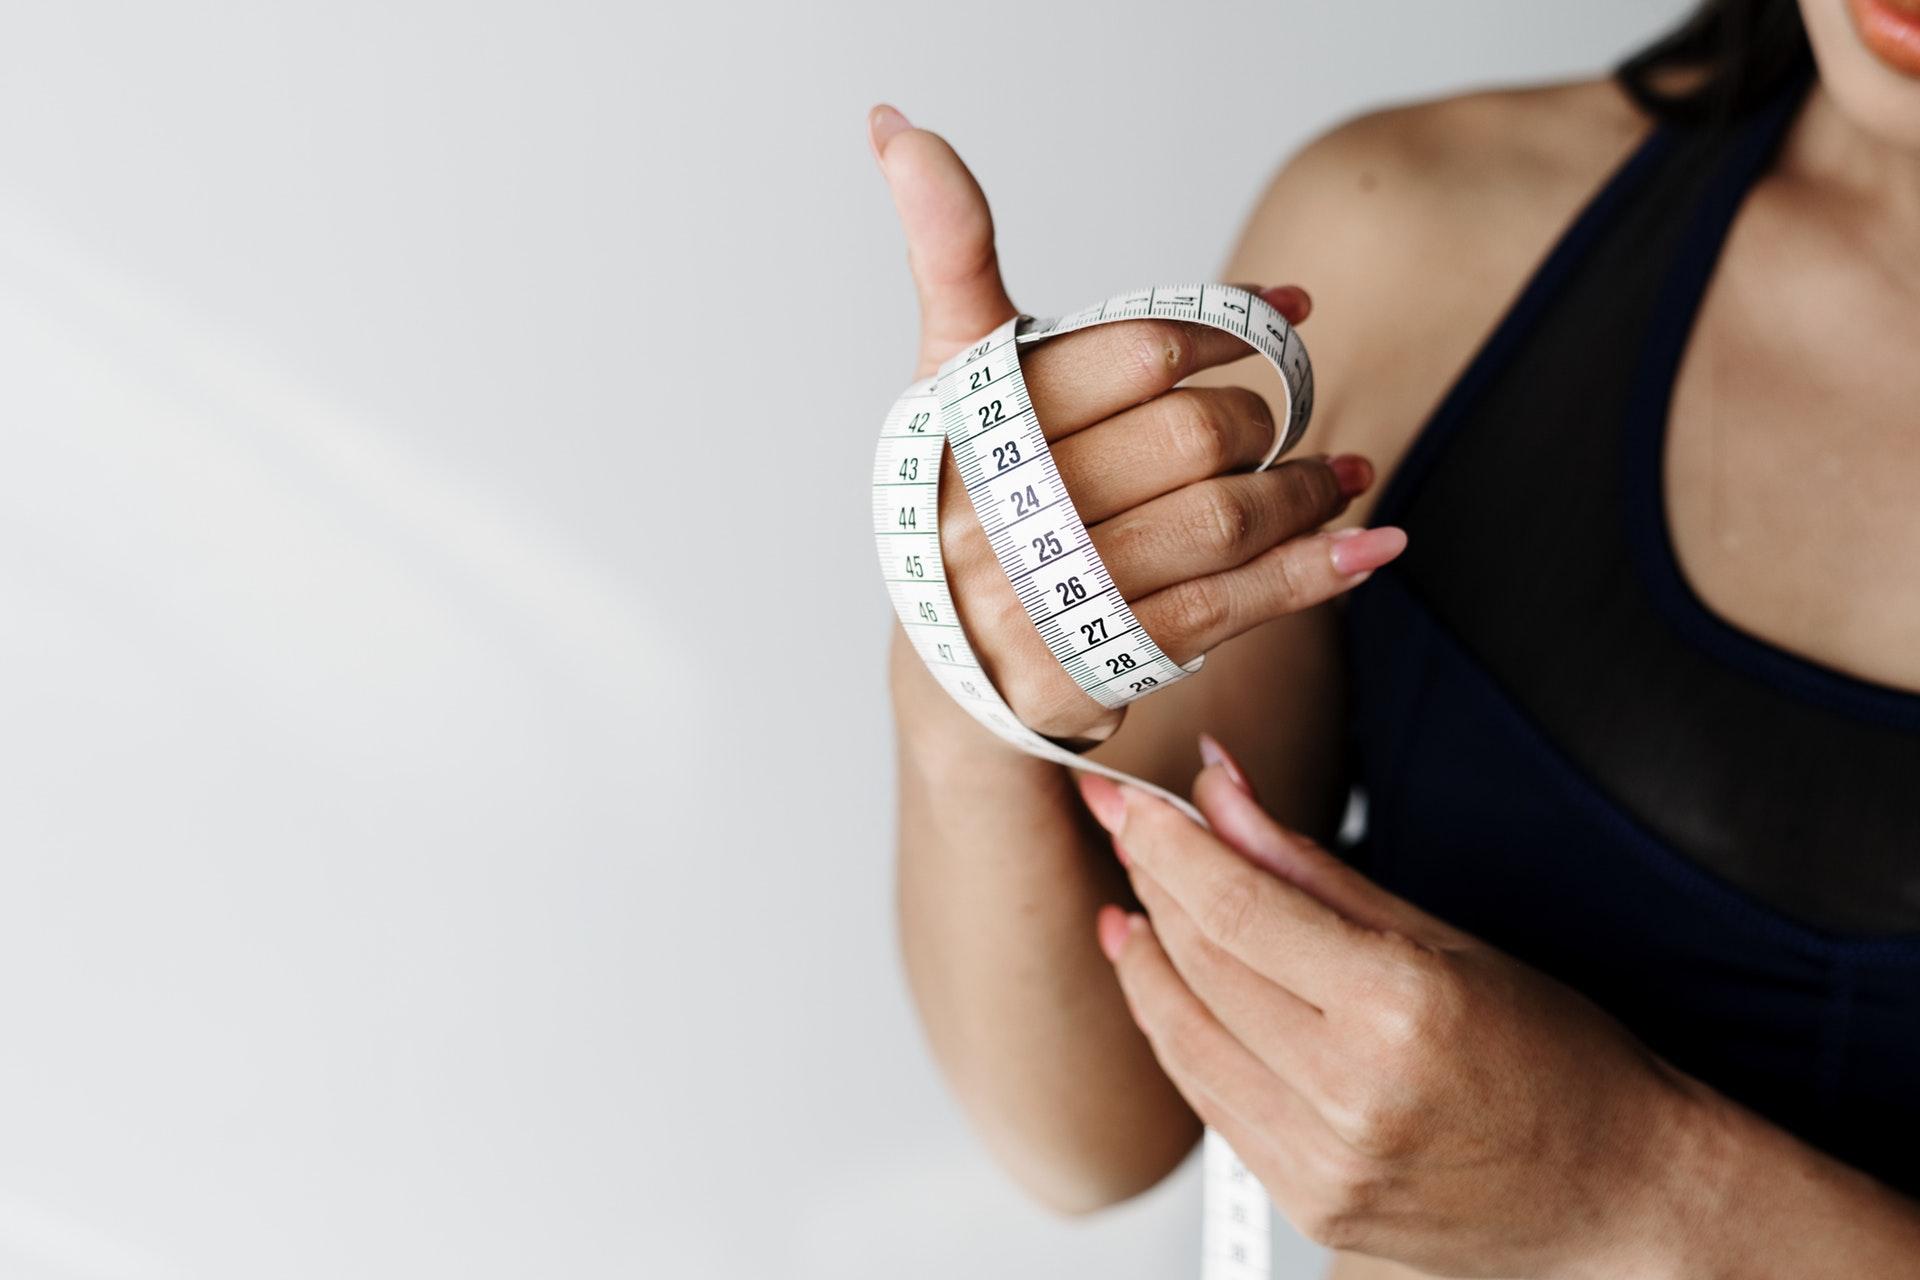 中高生も大人も気になる、158cmの理想体重 ...